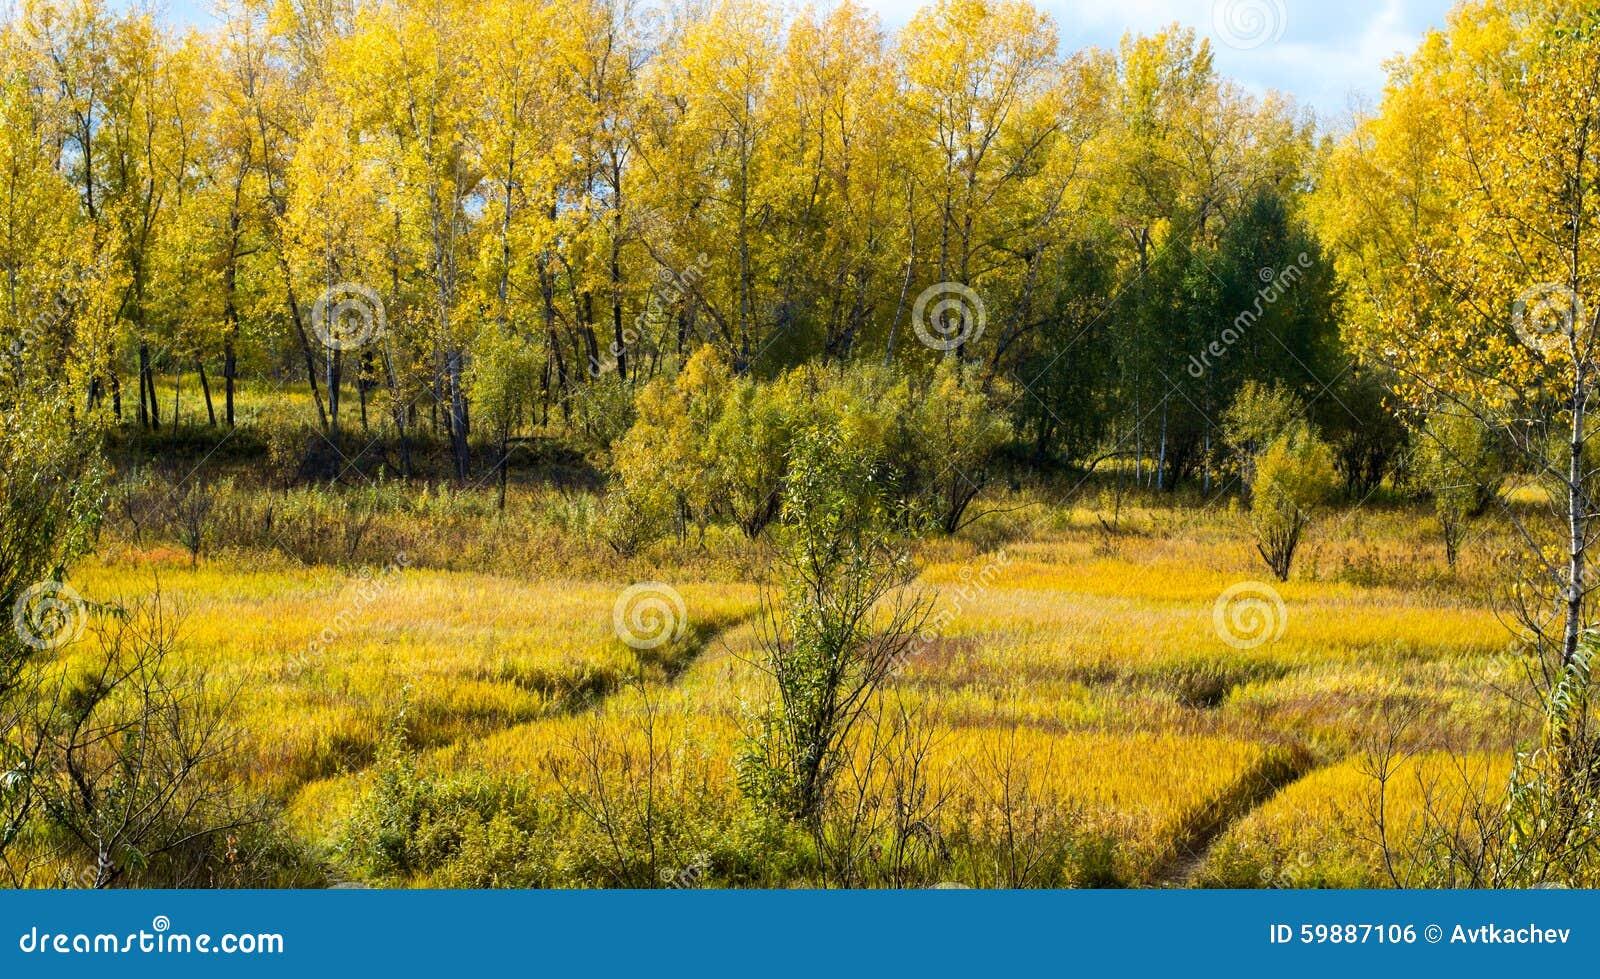 Die Vision des Herbstes